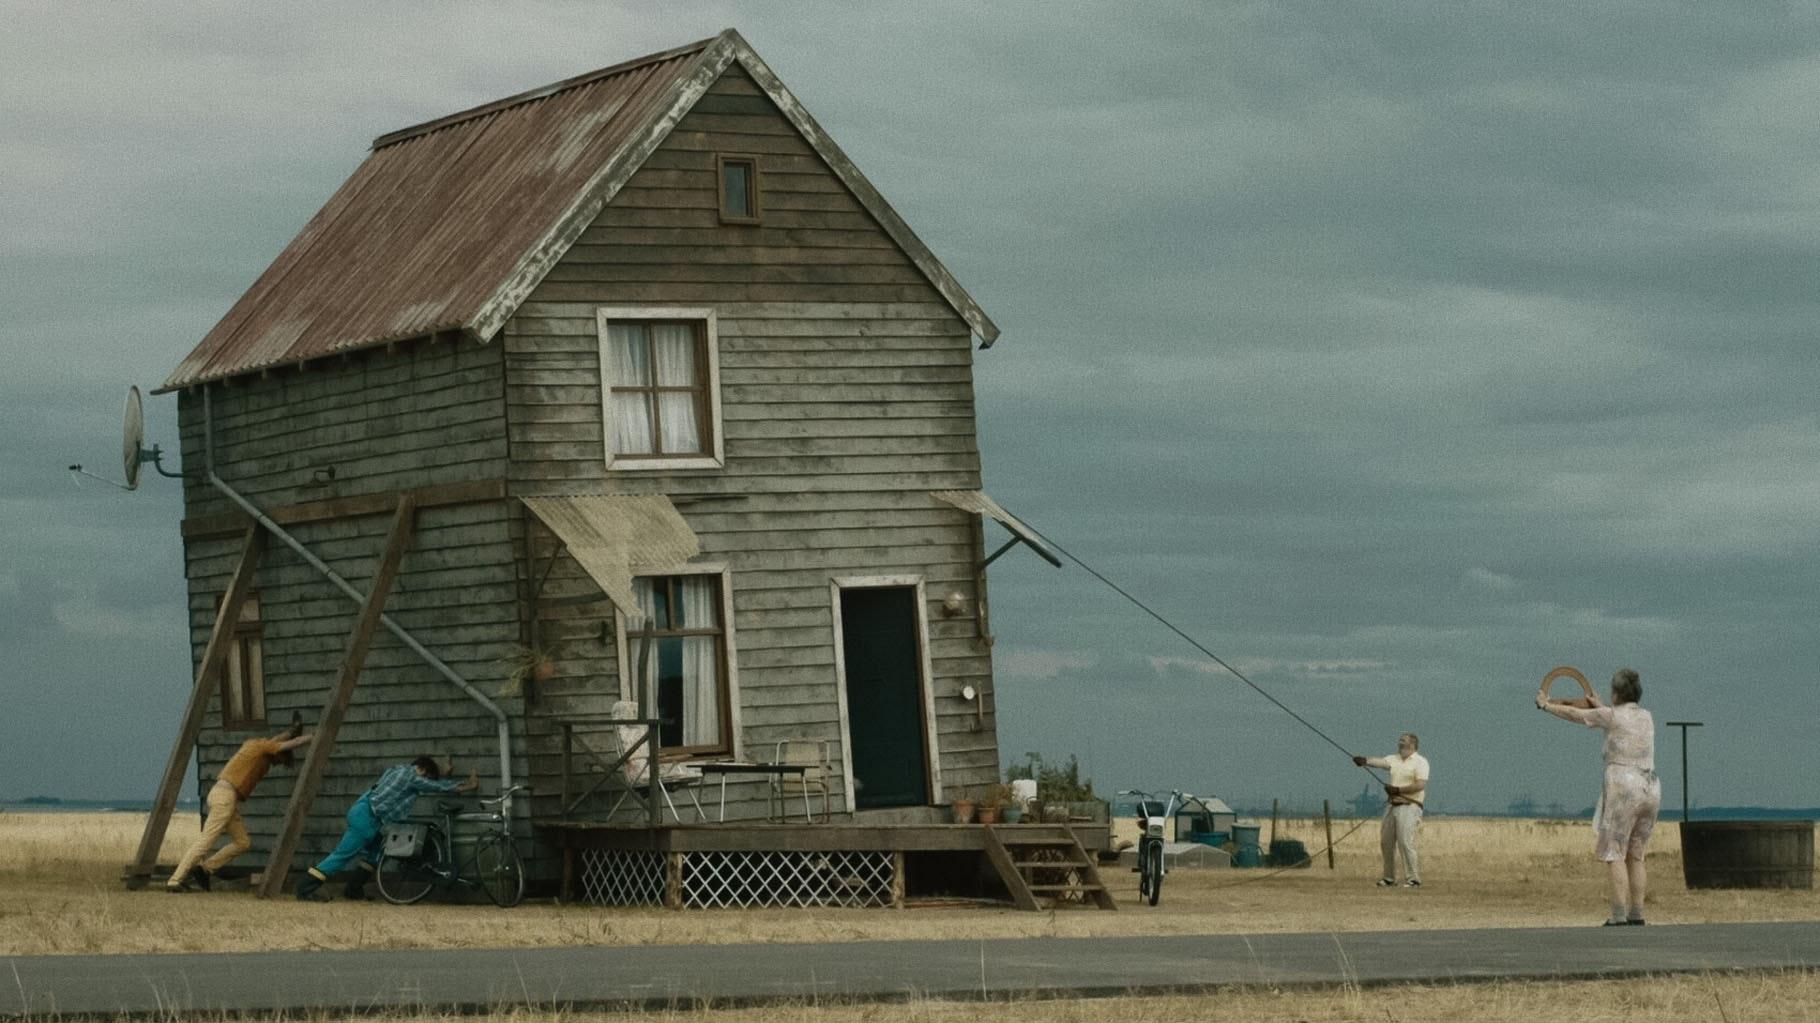 De Dag dat mijn Huis Viel (The Day my House Fell)